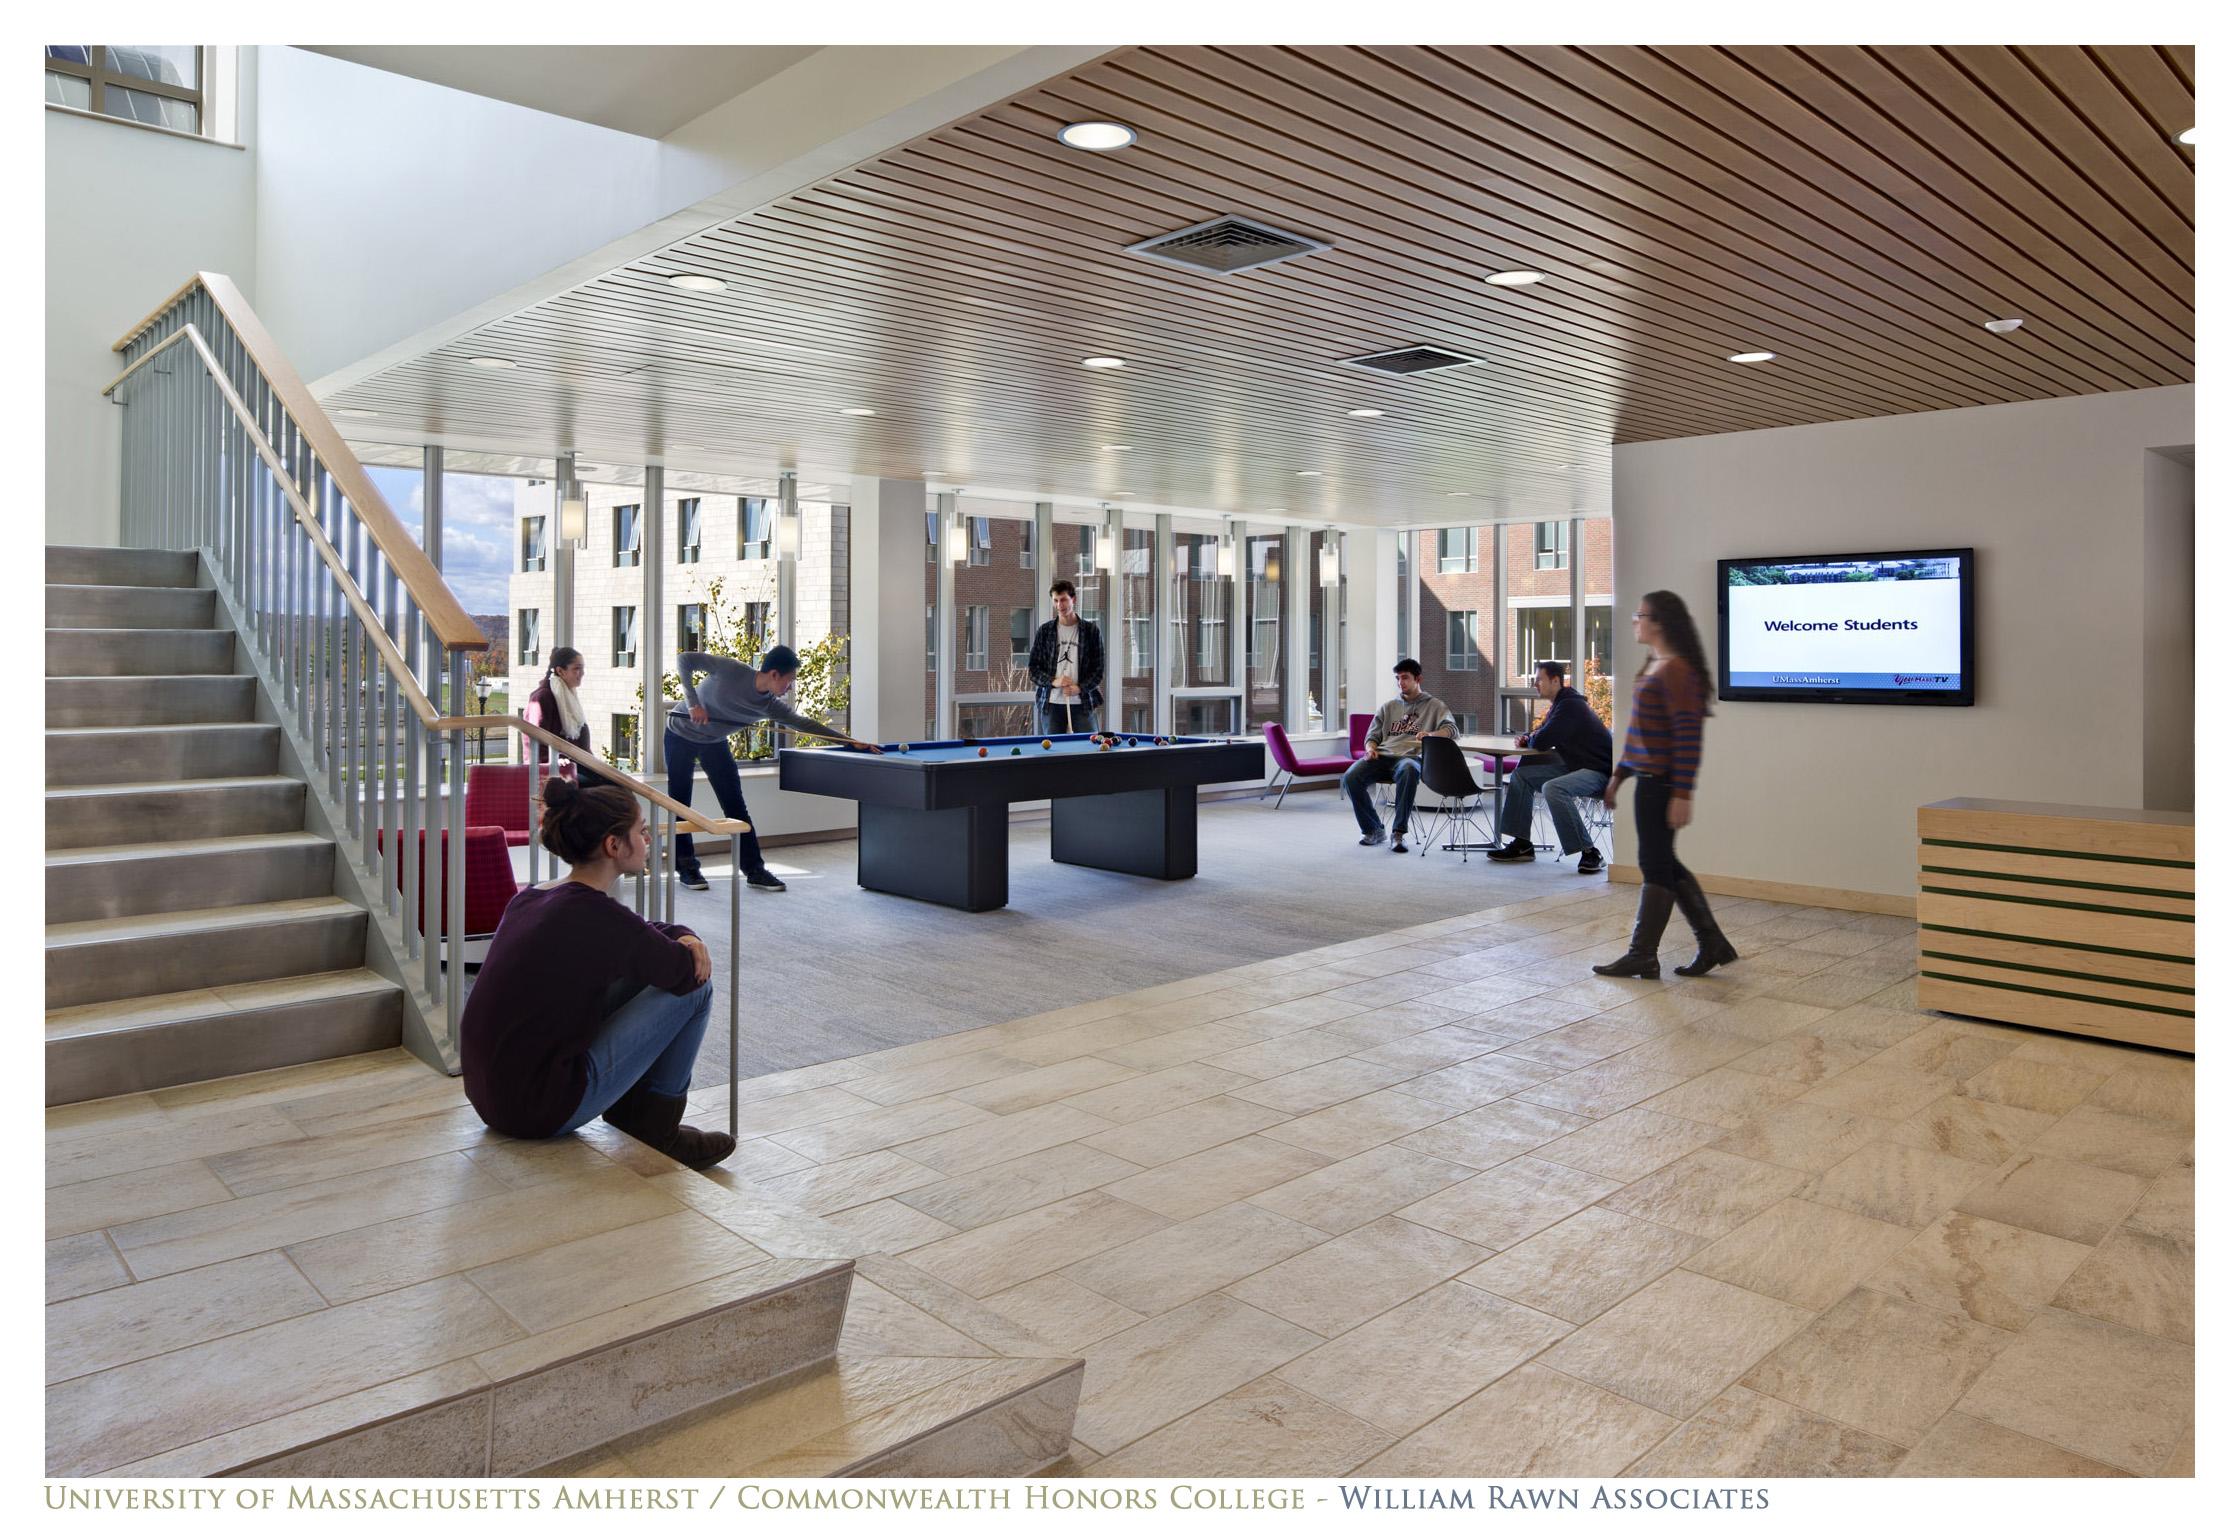 050_Robert-Benson-Photography-William-Rawn-University-Massachusetts-Amherst-Common-Wealth-Honors-44.JPG